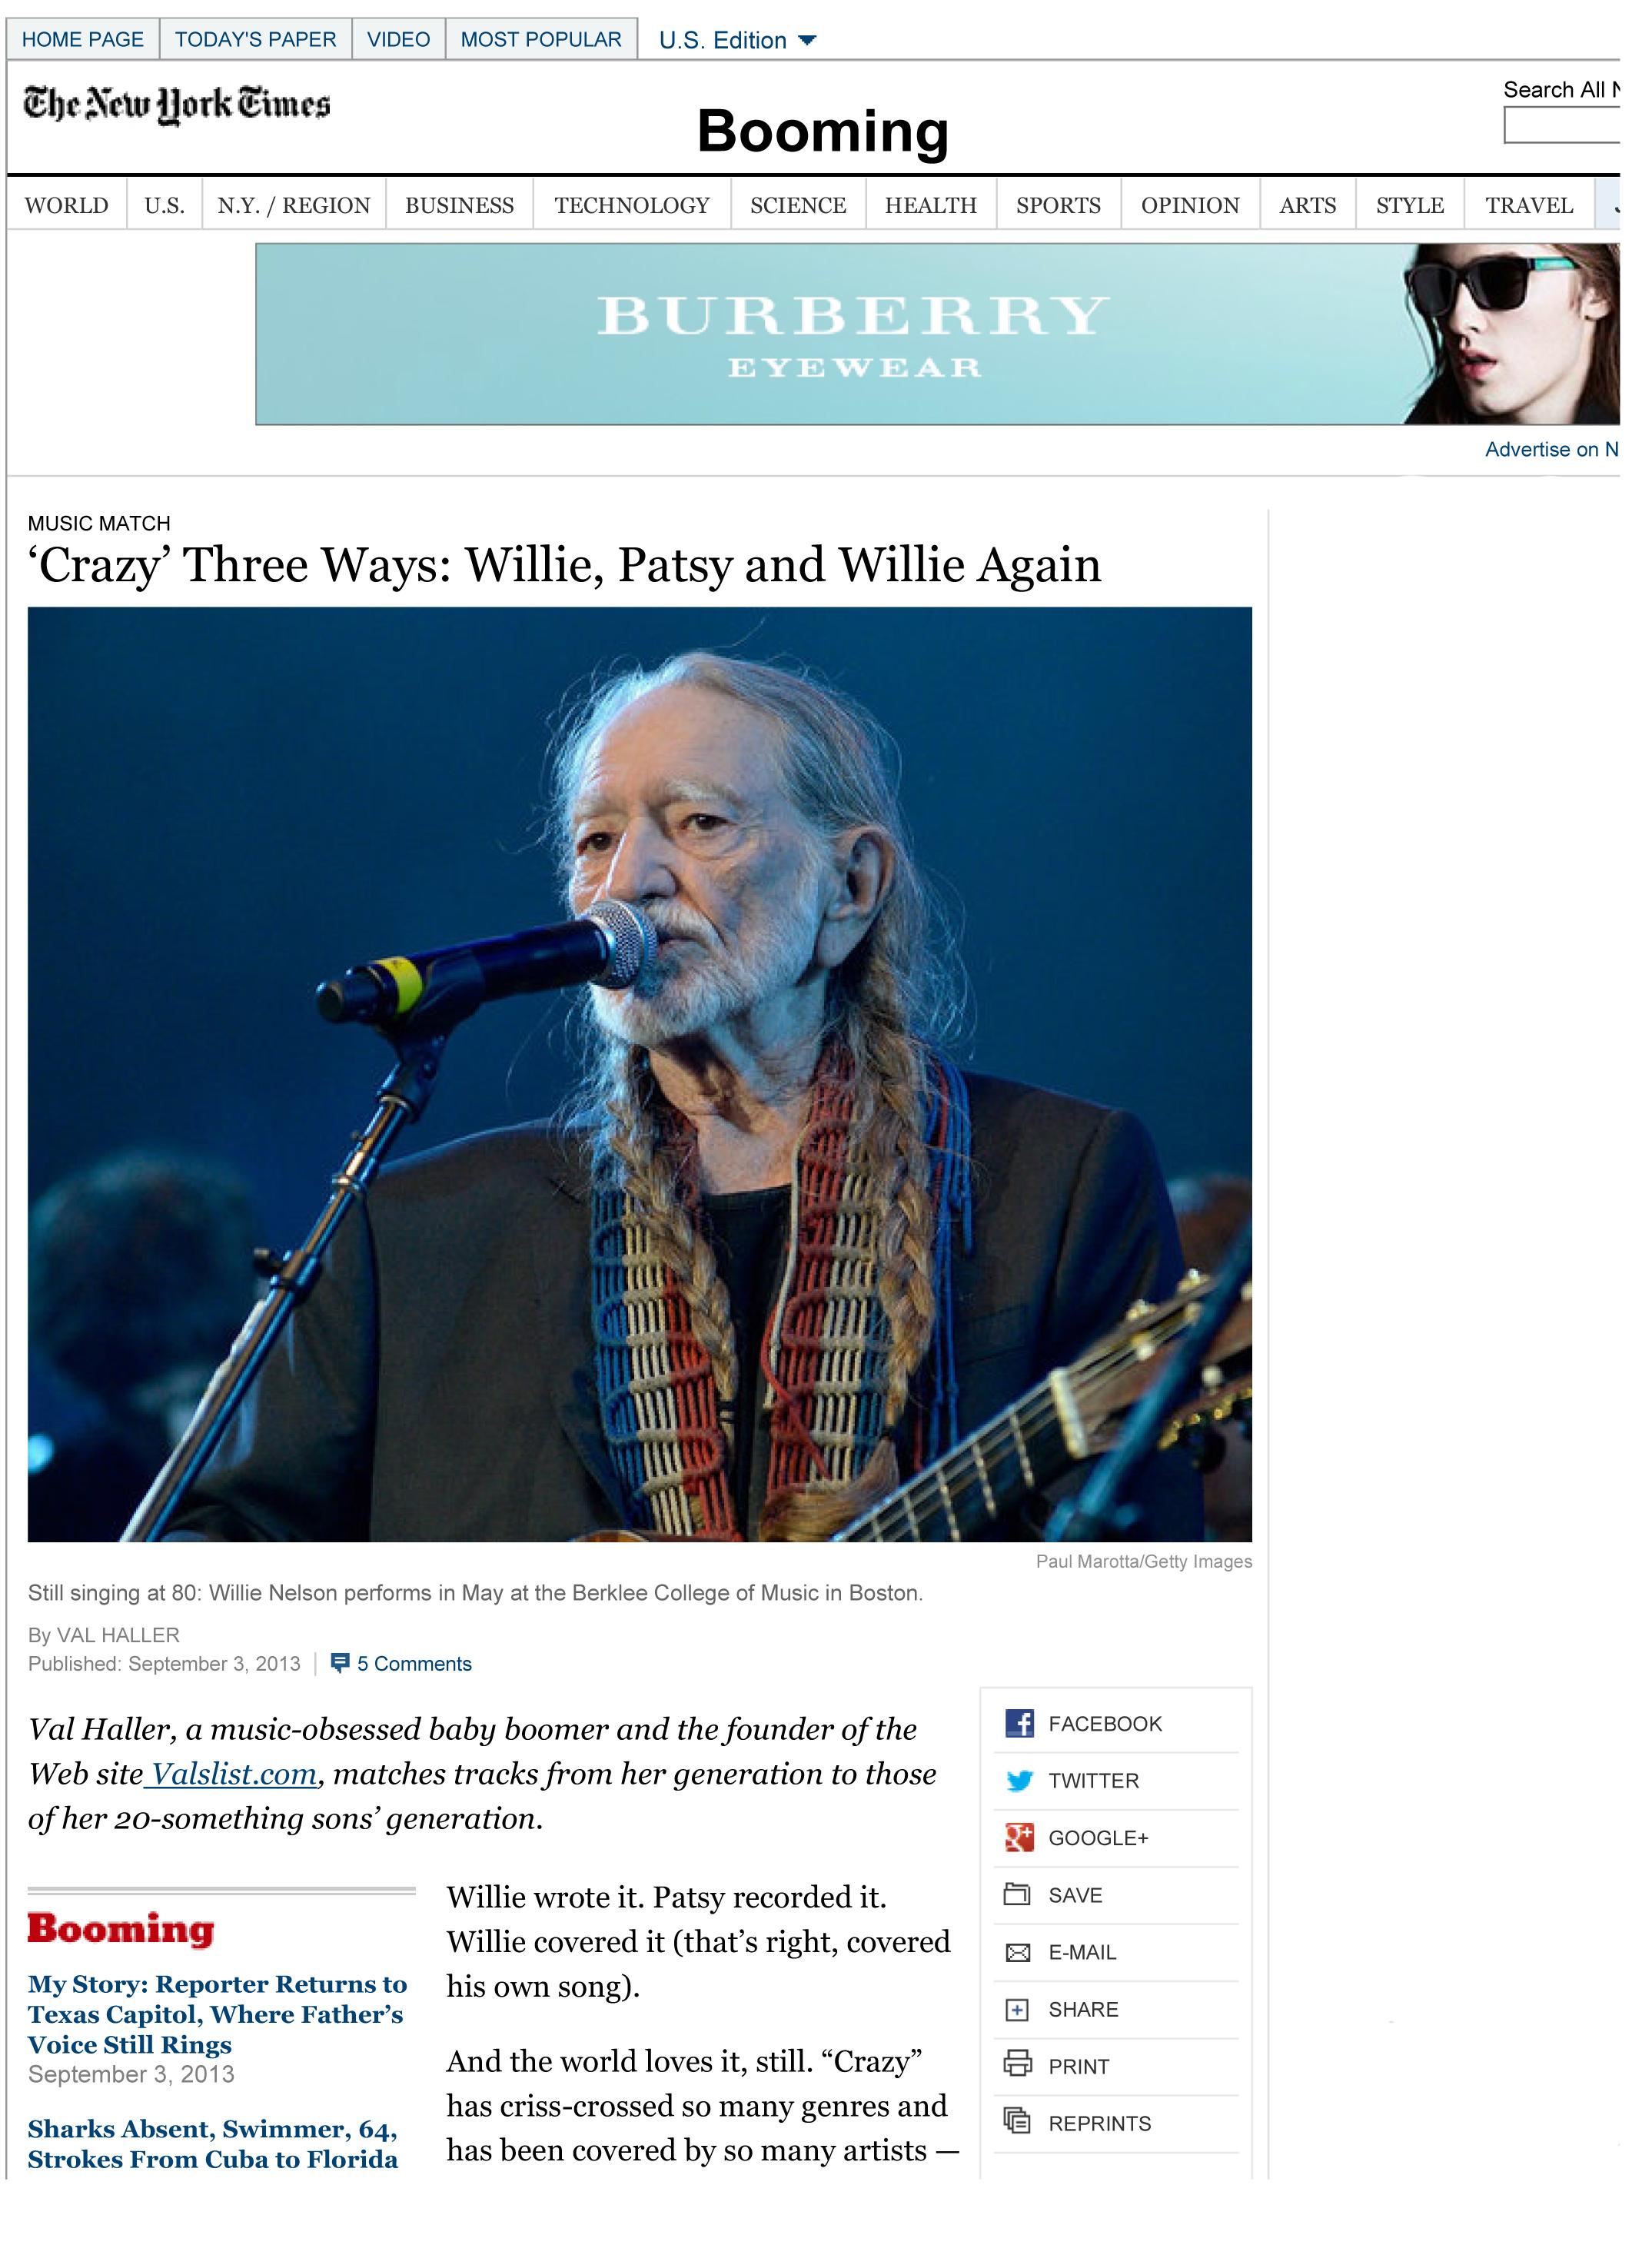 Willie Nelson Berklee NYTimes.jpg